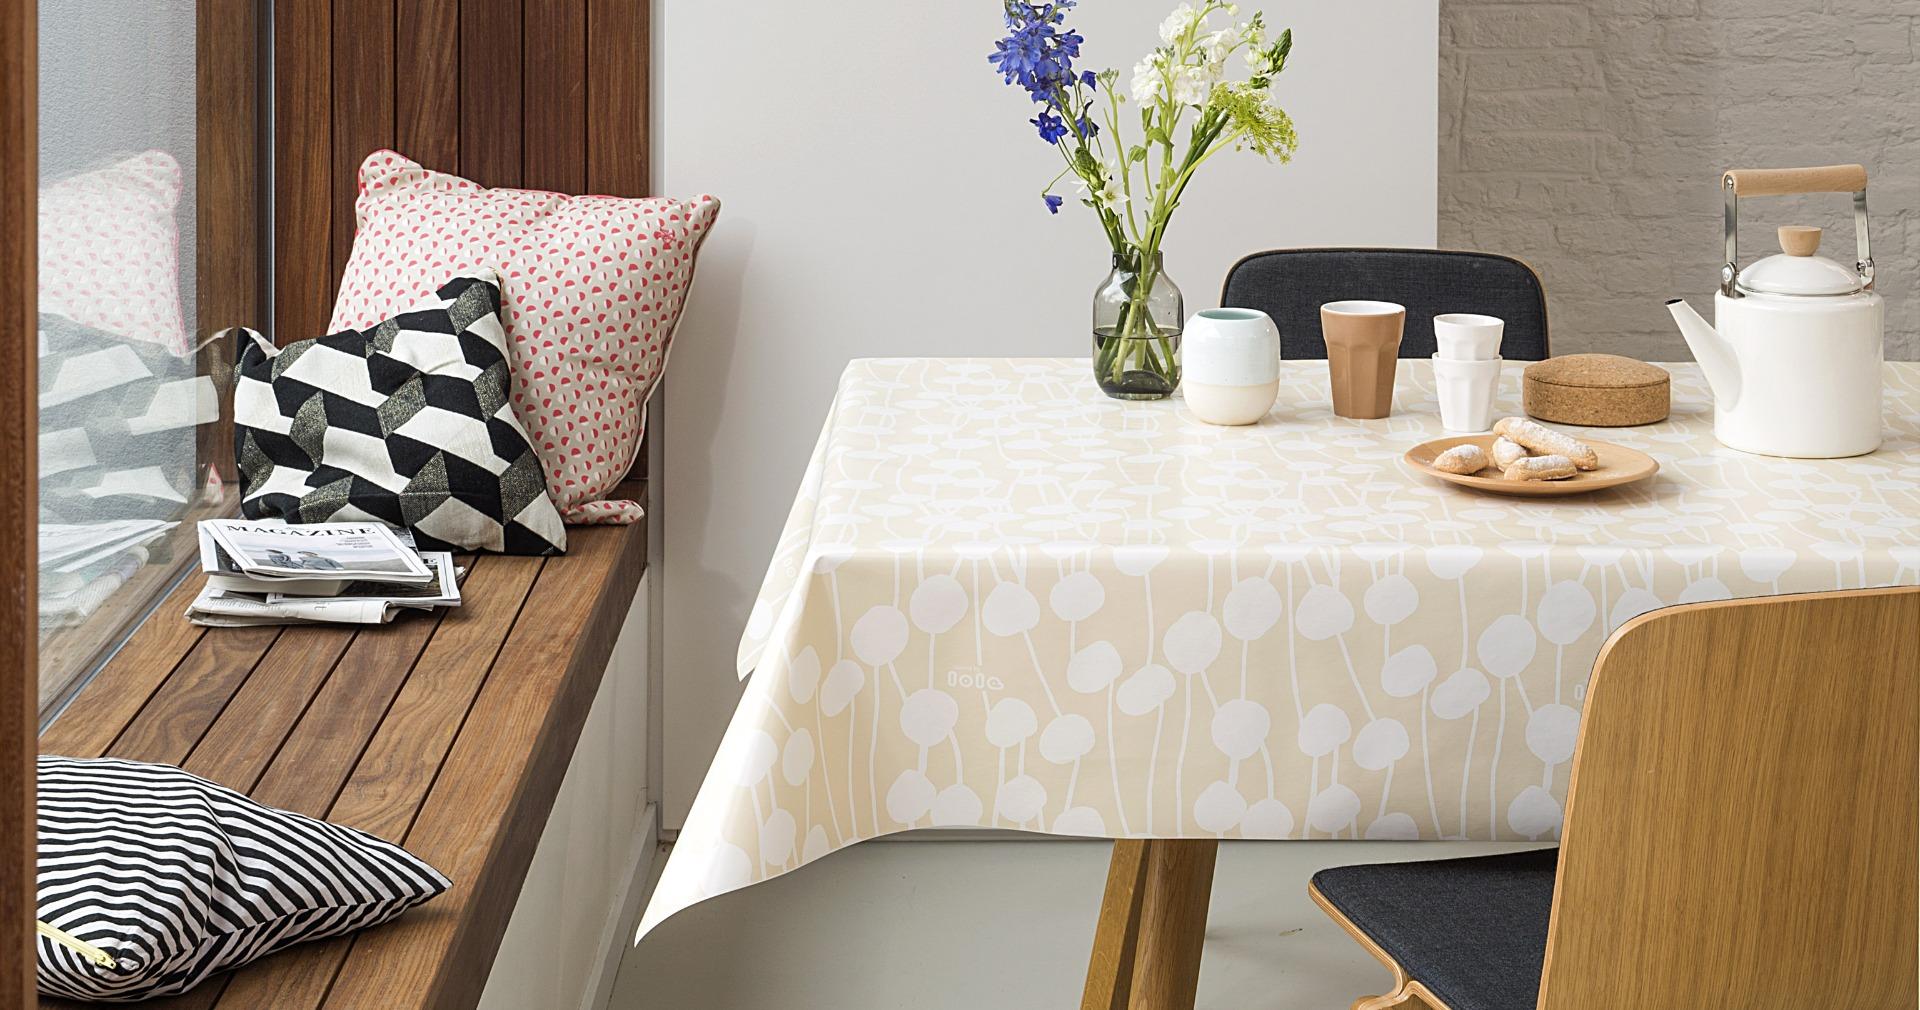 5 dingen die je moet weten voor je een tafelzeil koopt